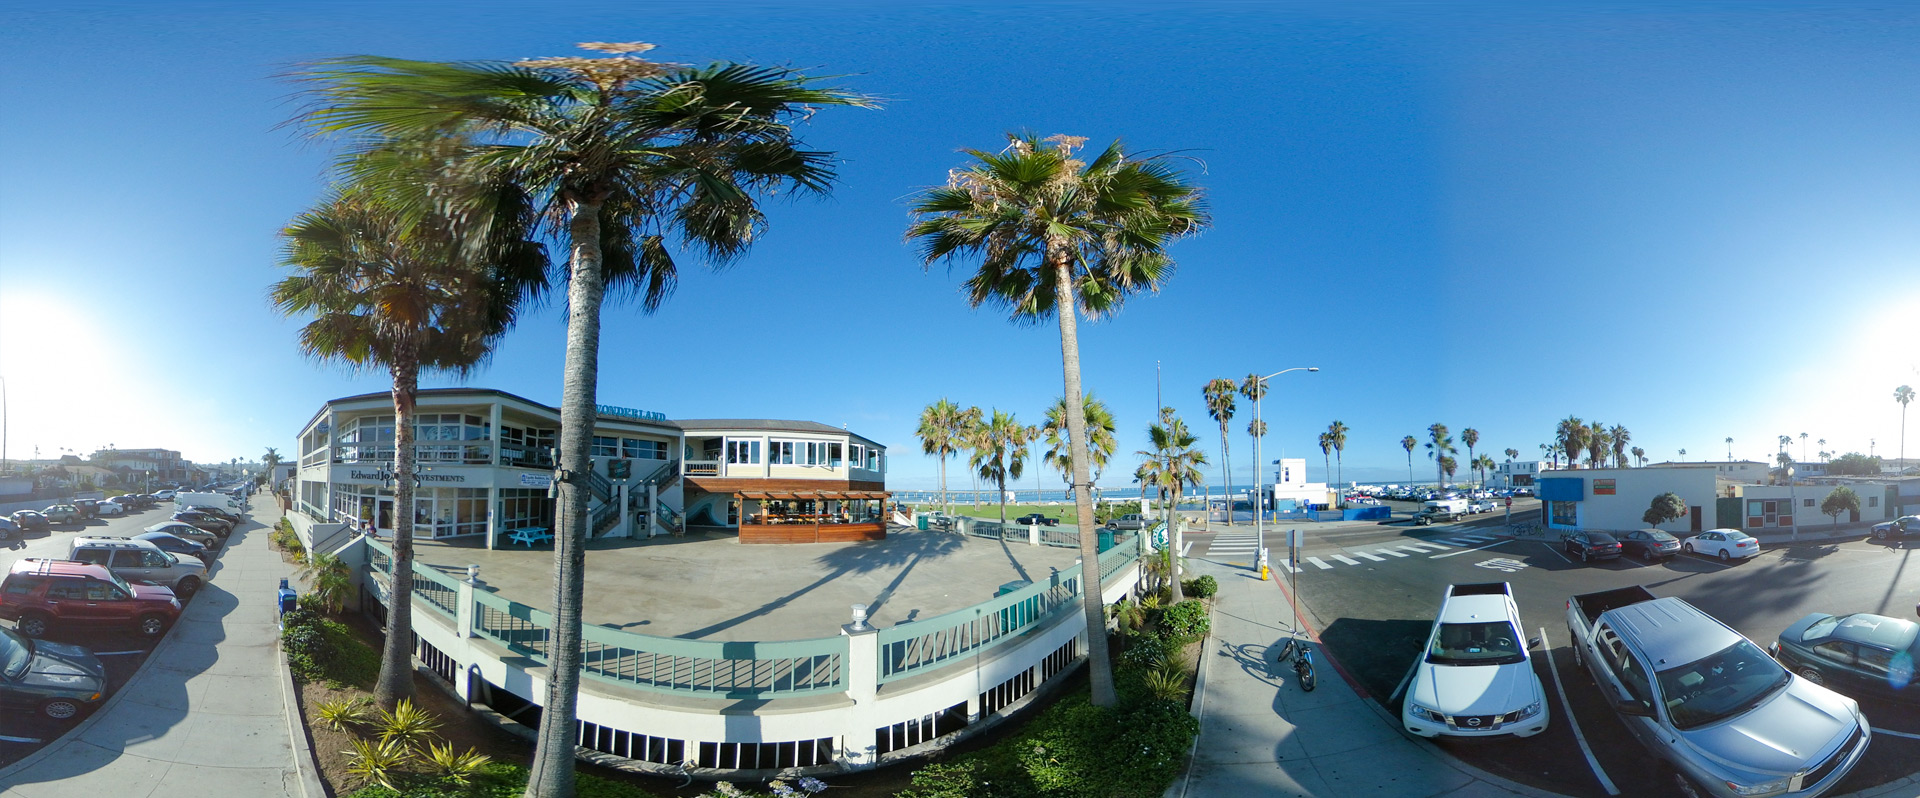 Ocean Beach, San Diego - Sunset Plaza